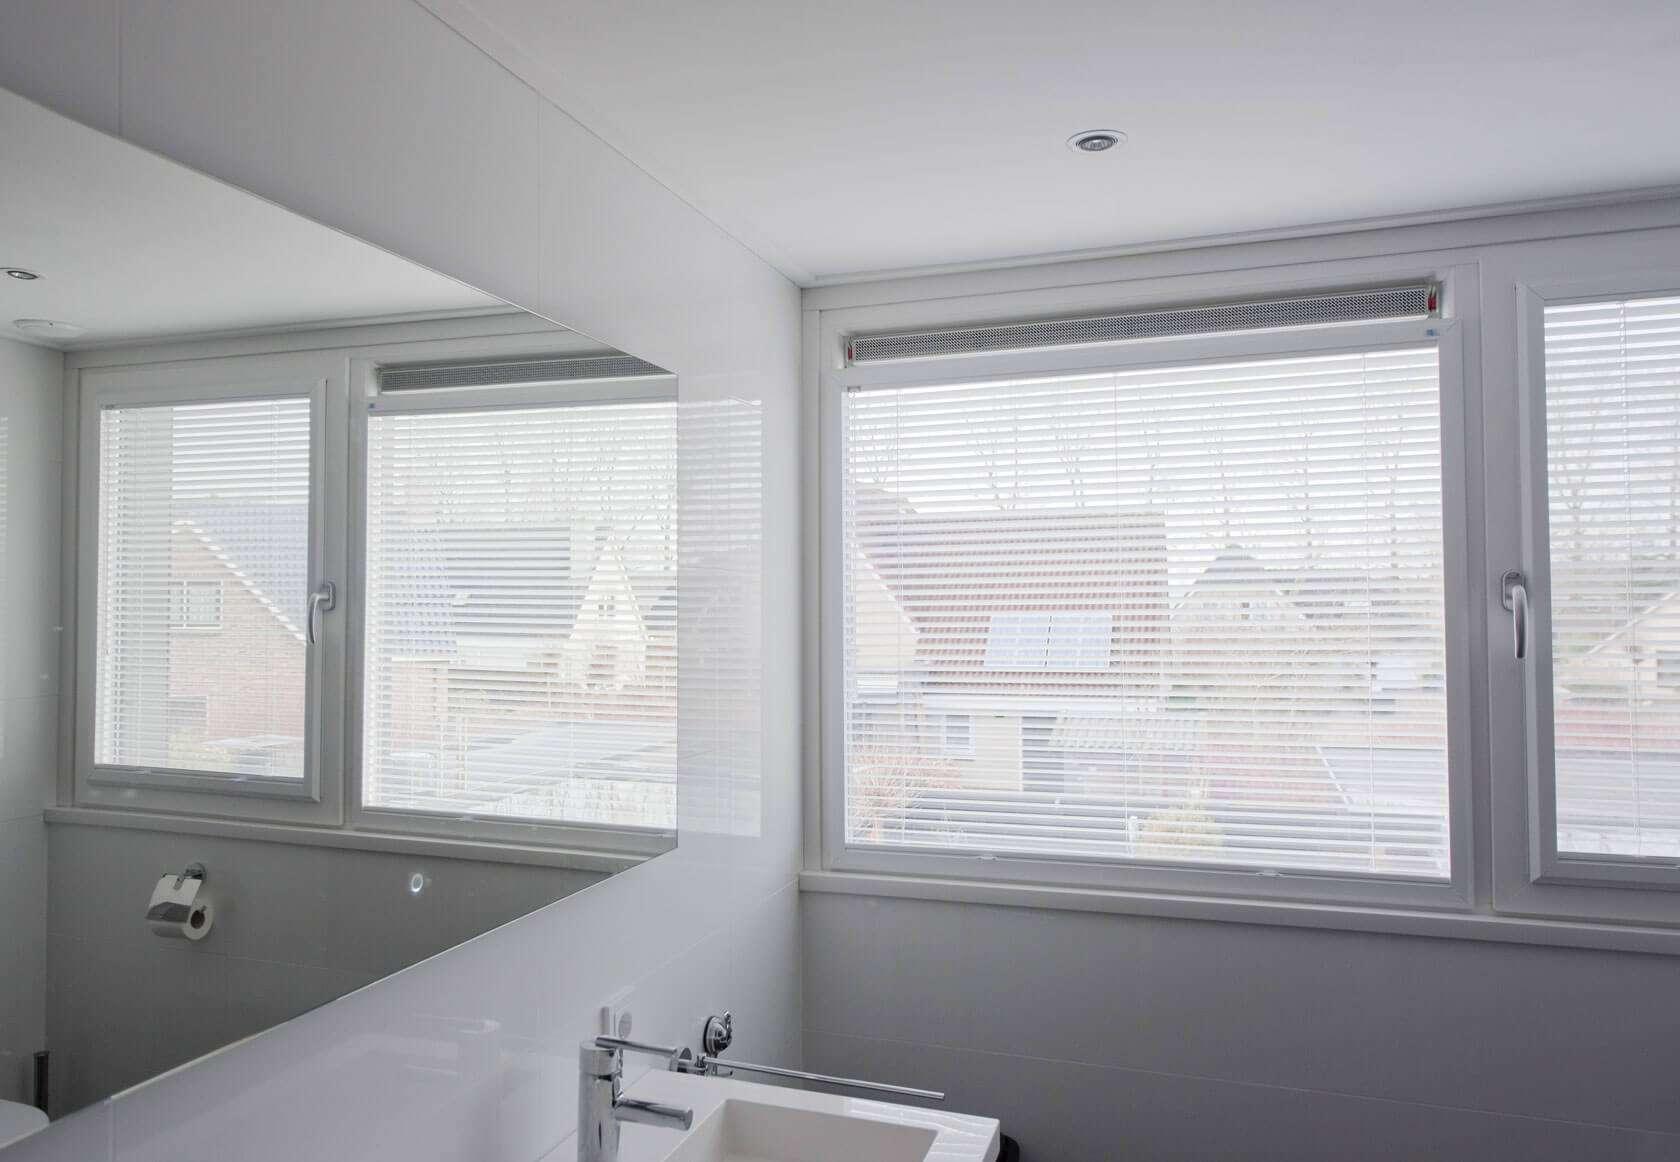 Kunststof dakkapel Dokkum (badkamer) - MTD Kunststof & Montage